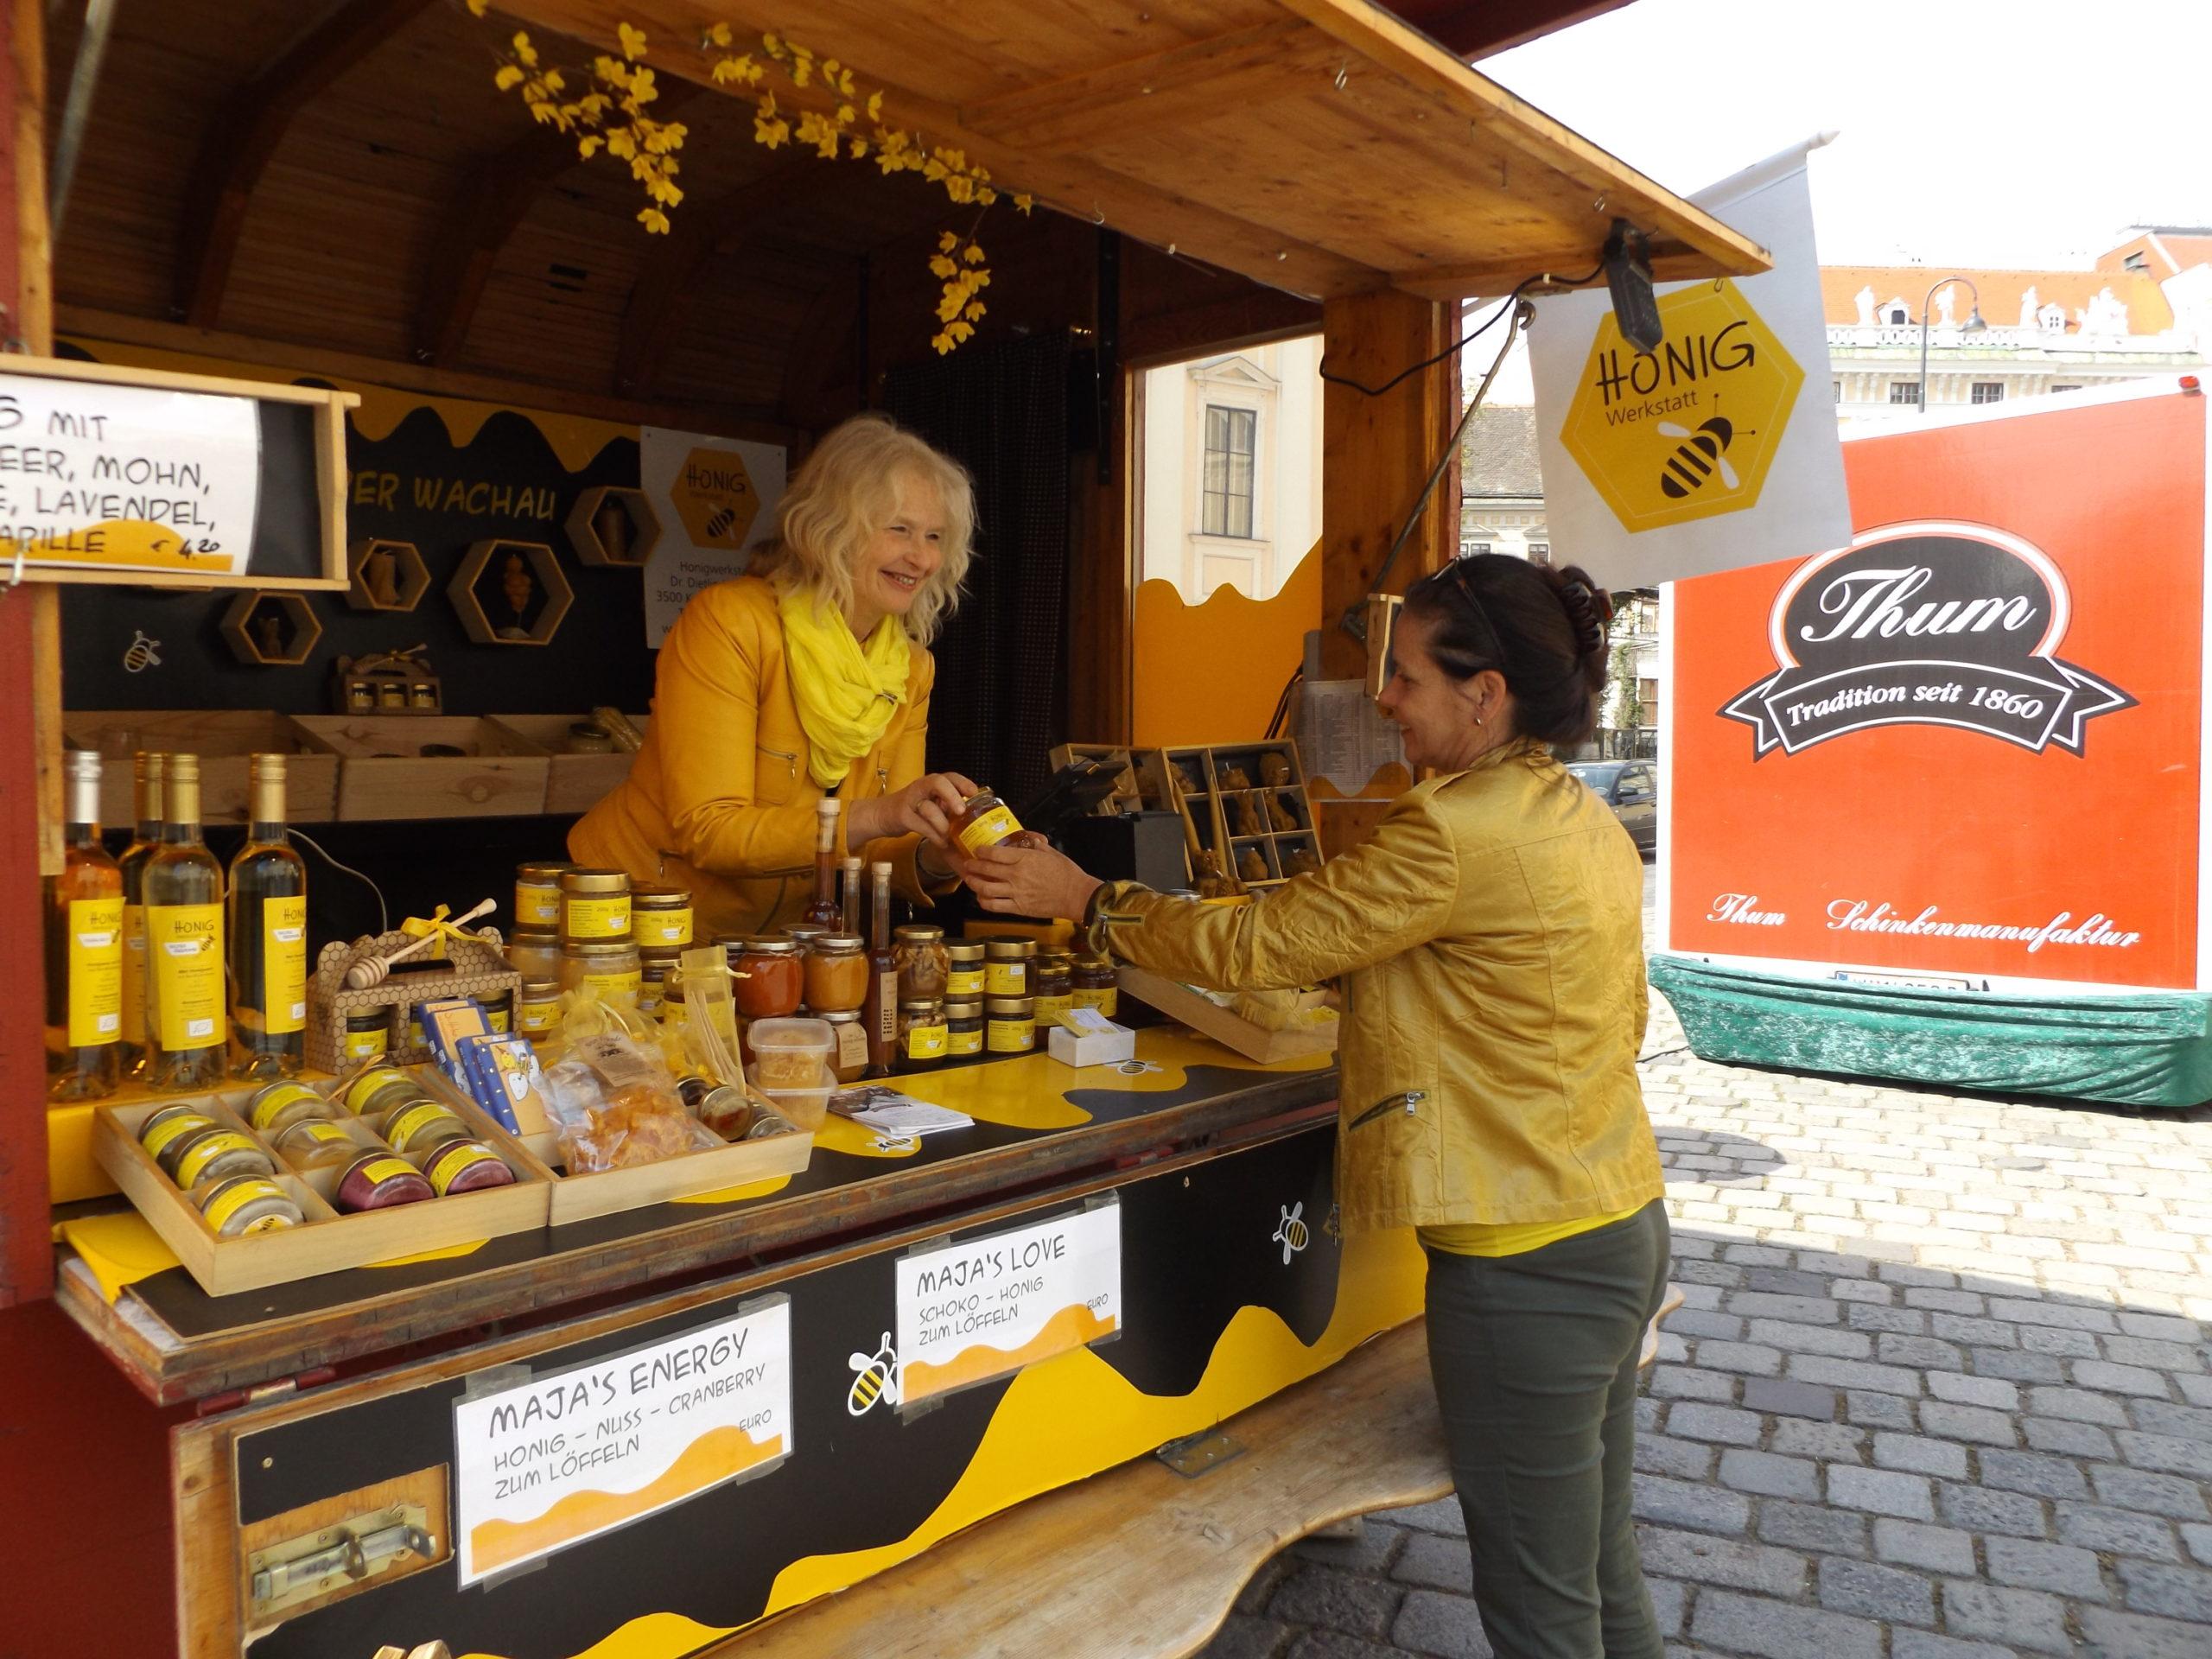 Honigwerkstatt Biobauernmarkt Freyung